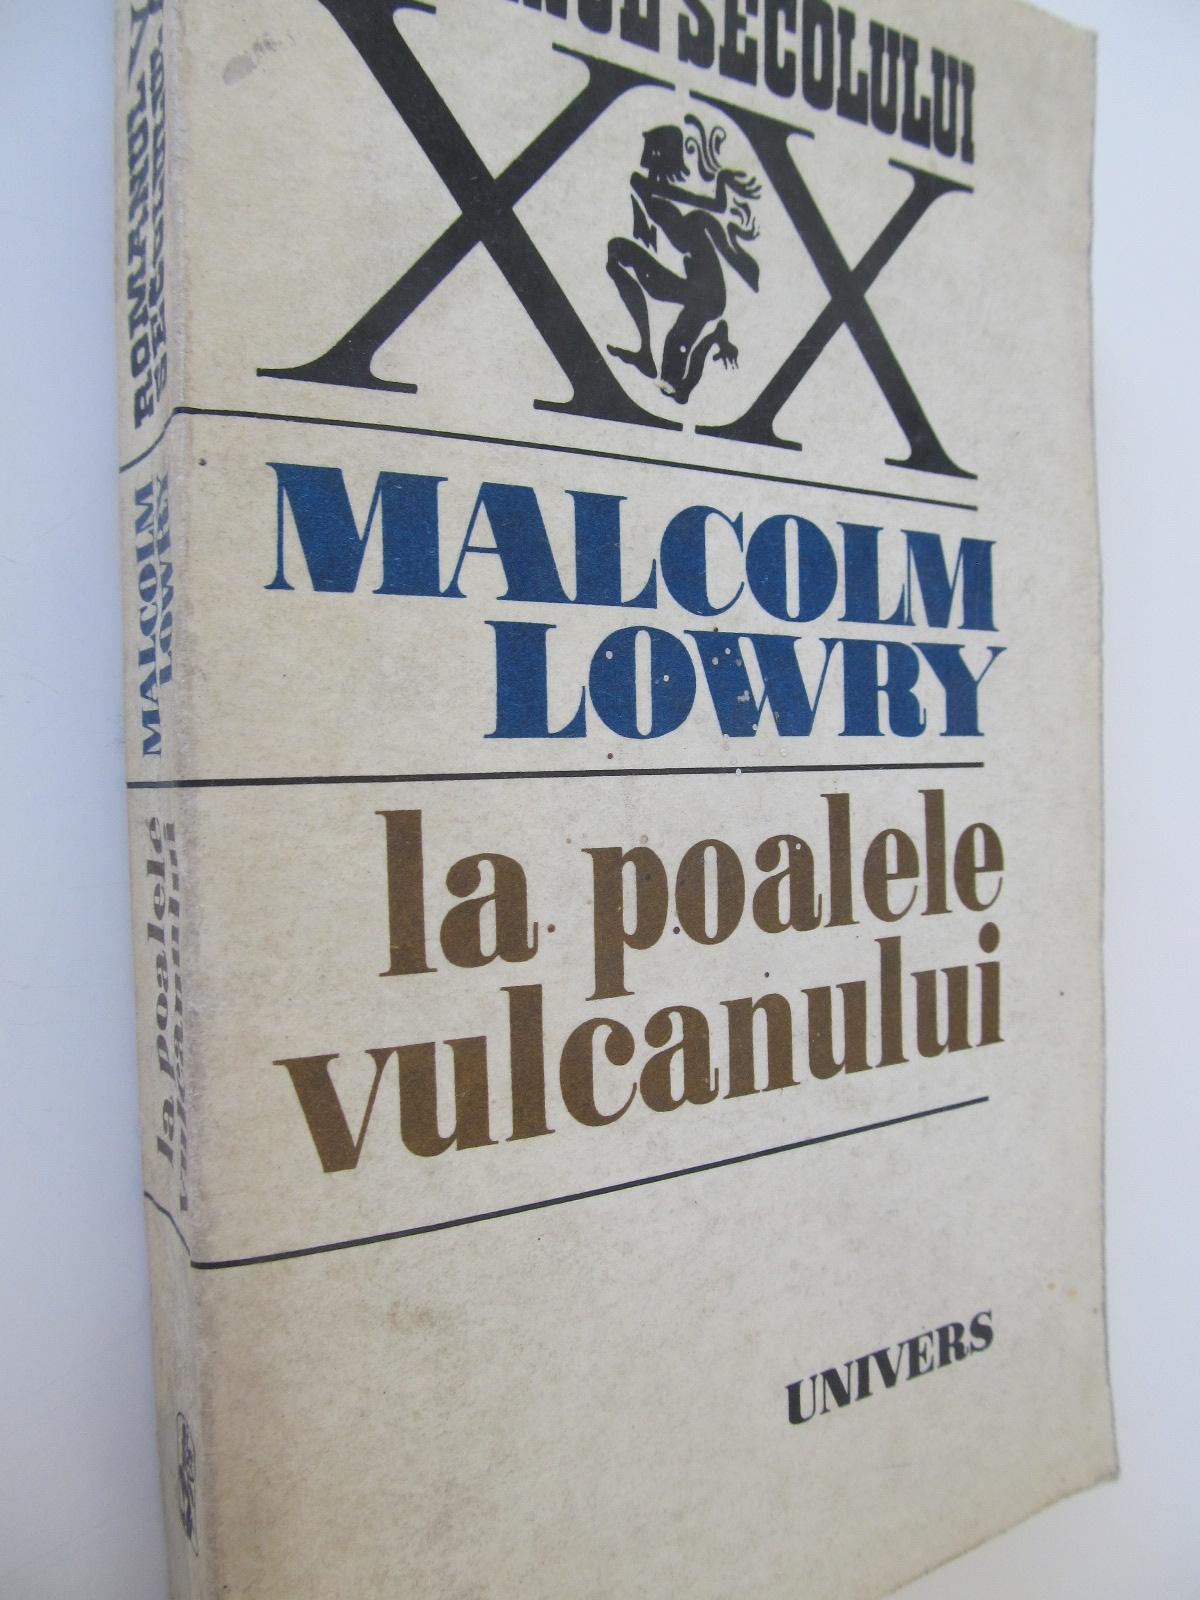 La poalele vulcanului - Malcolm Lowry   Detalii carte